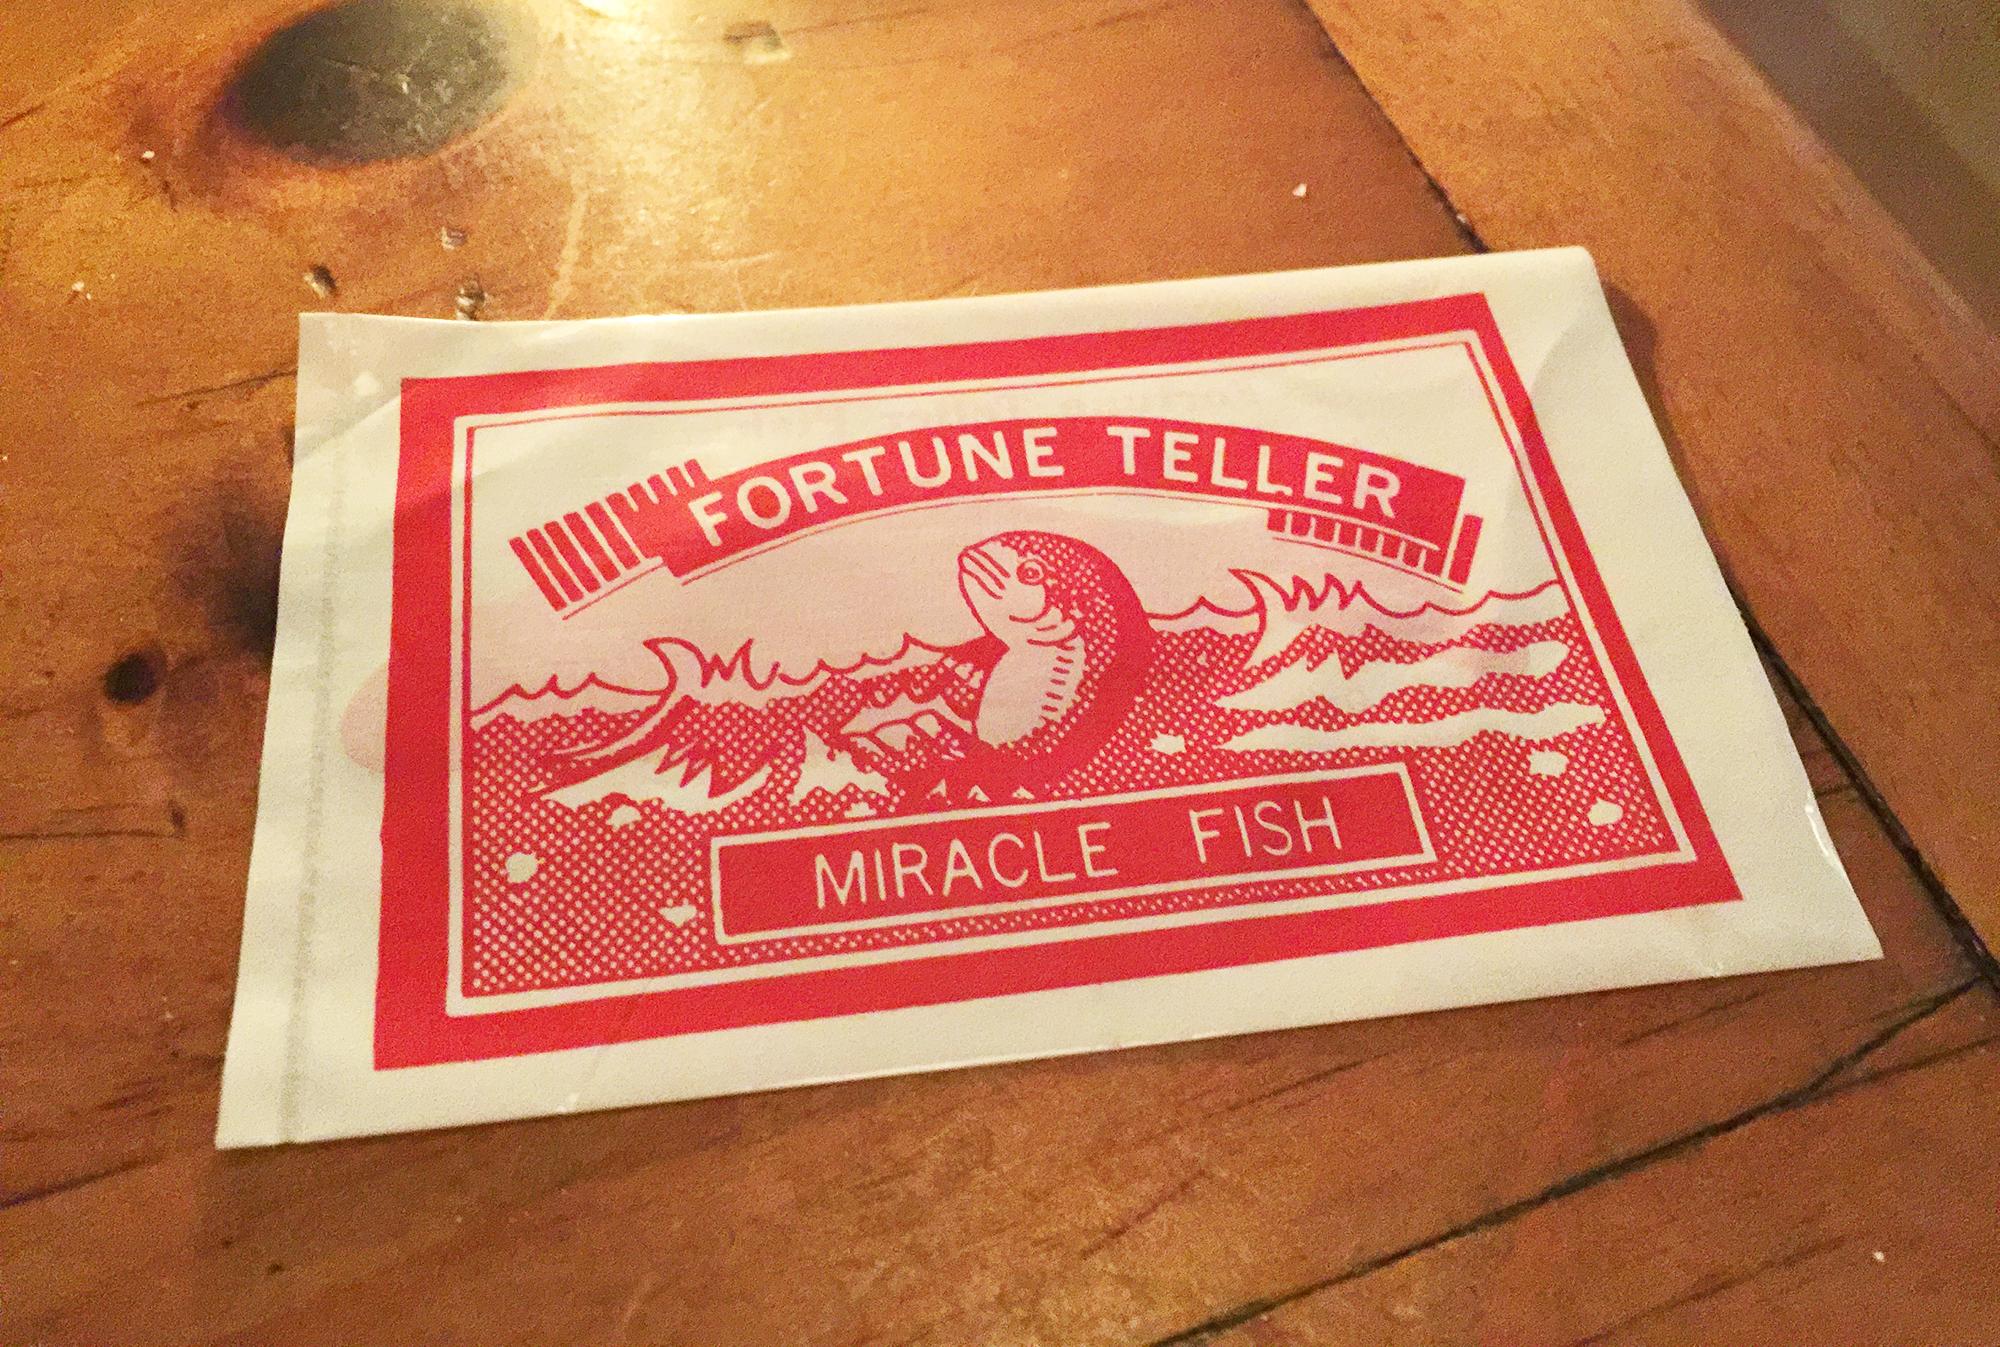 The Mermaid Inn fortune teller fish